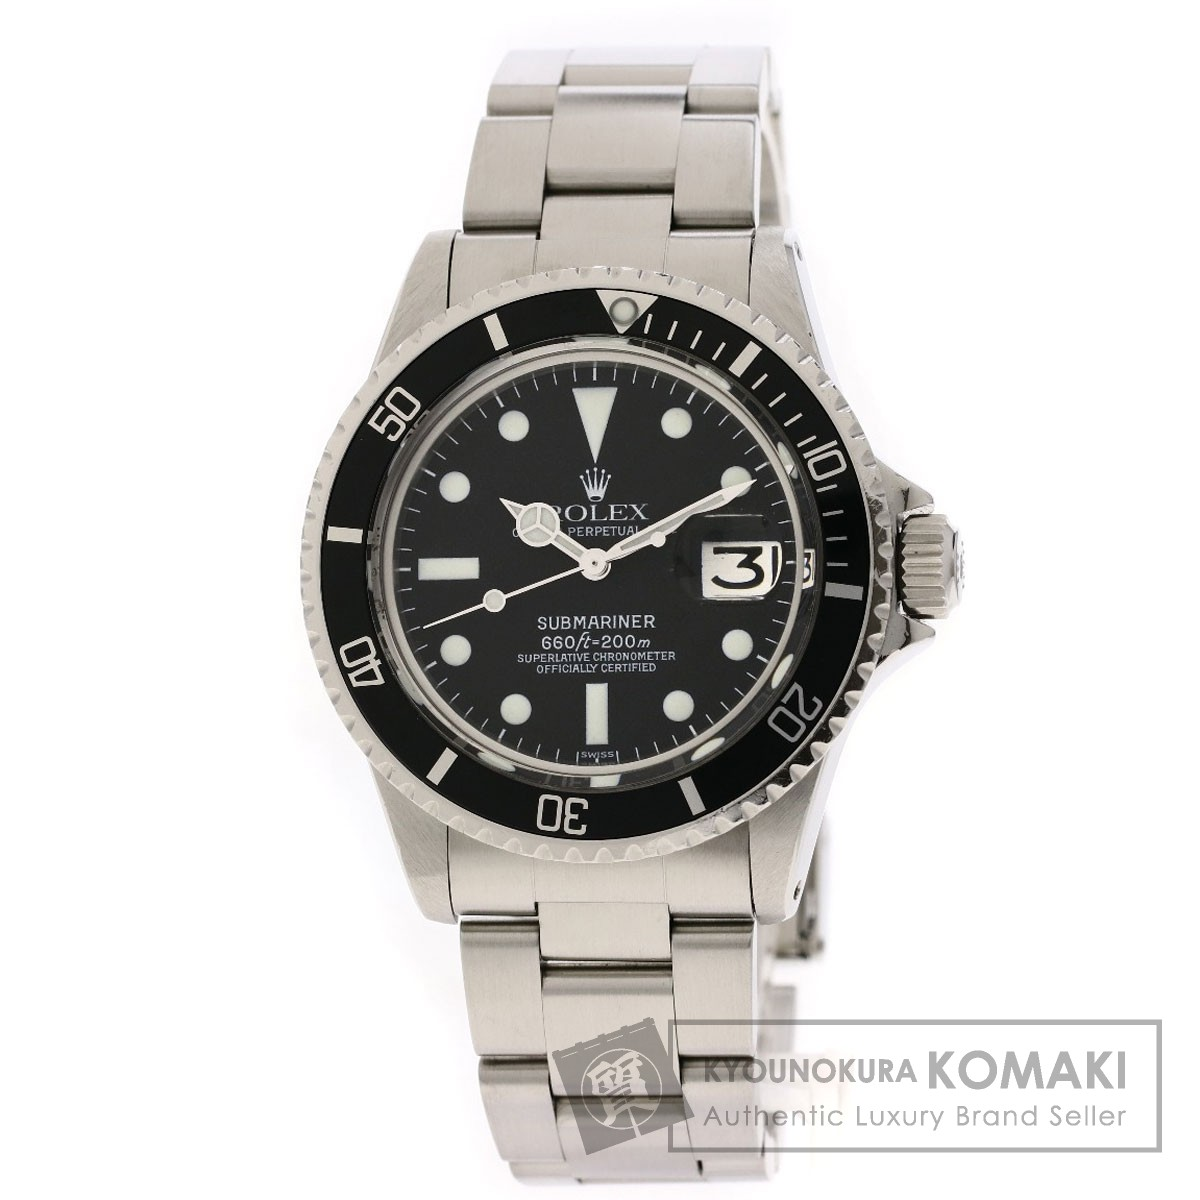 ロレックス 1680 サブマリーナ デイト 腕時計 OH済 ステンレススチール/SS メンズ 【中古】【ROLEX】